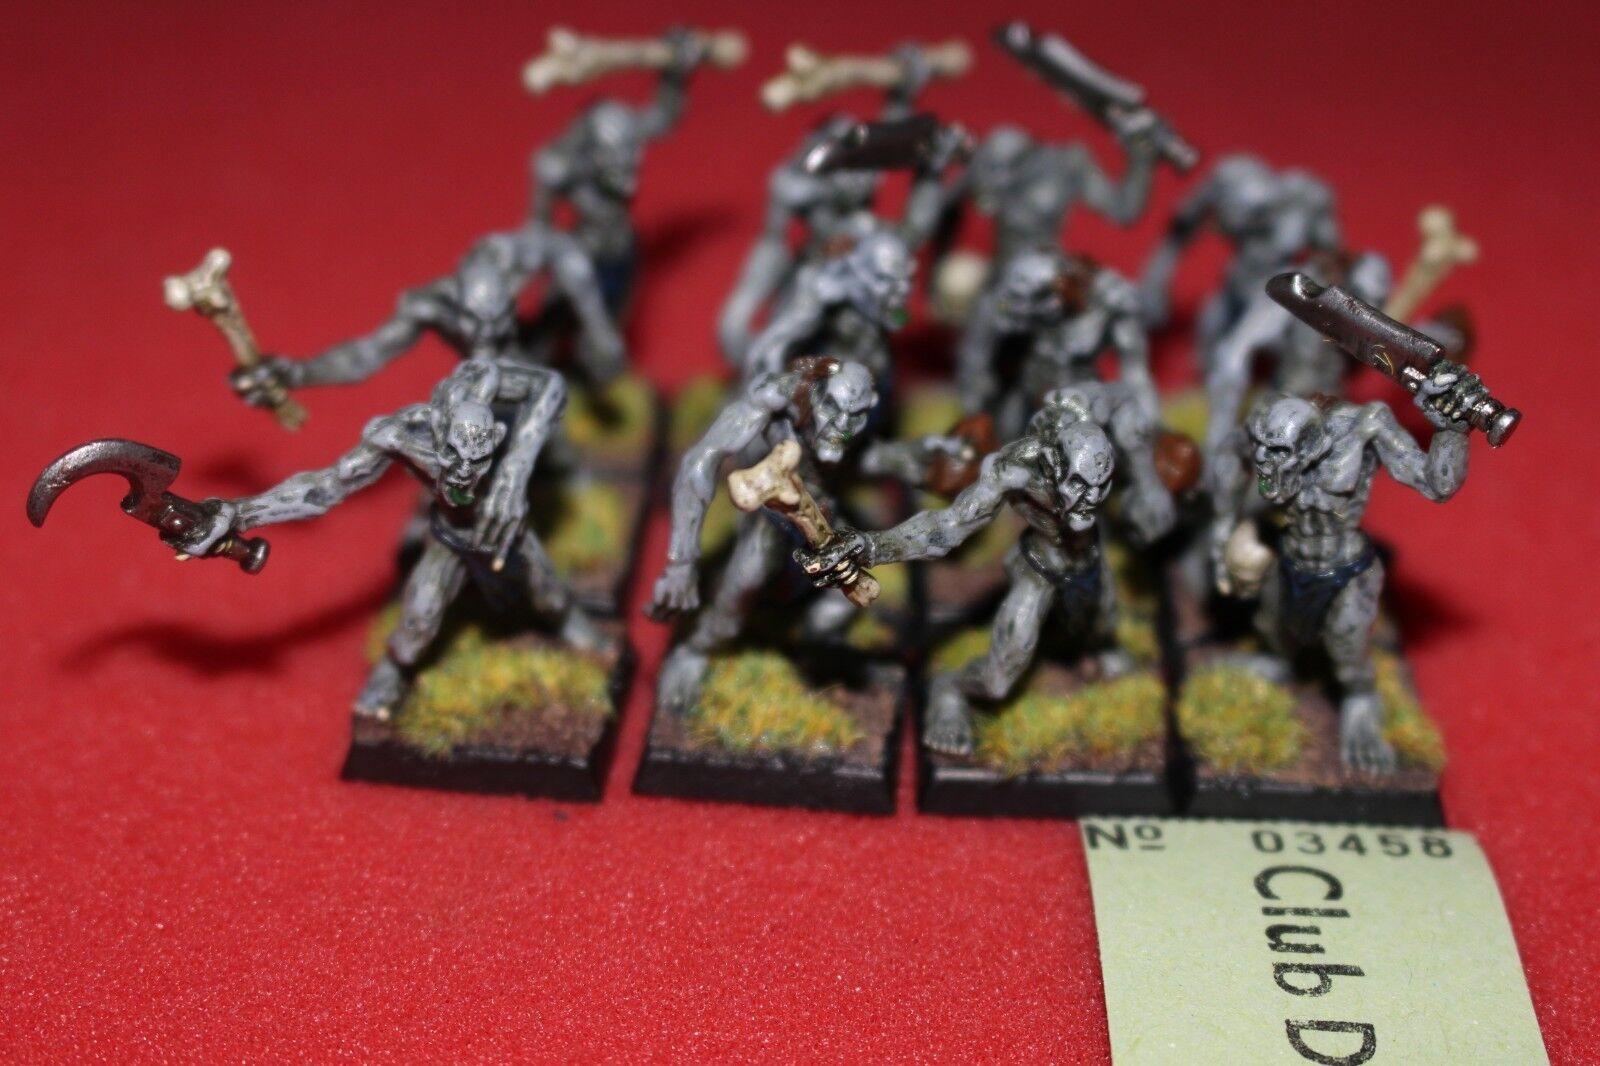 Juegos taller Warhammer no muertos cripta Ghouls Regimiento Metal CONDES VAMPIRO fuera de imprenta